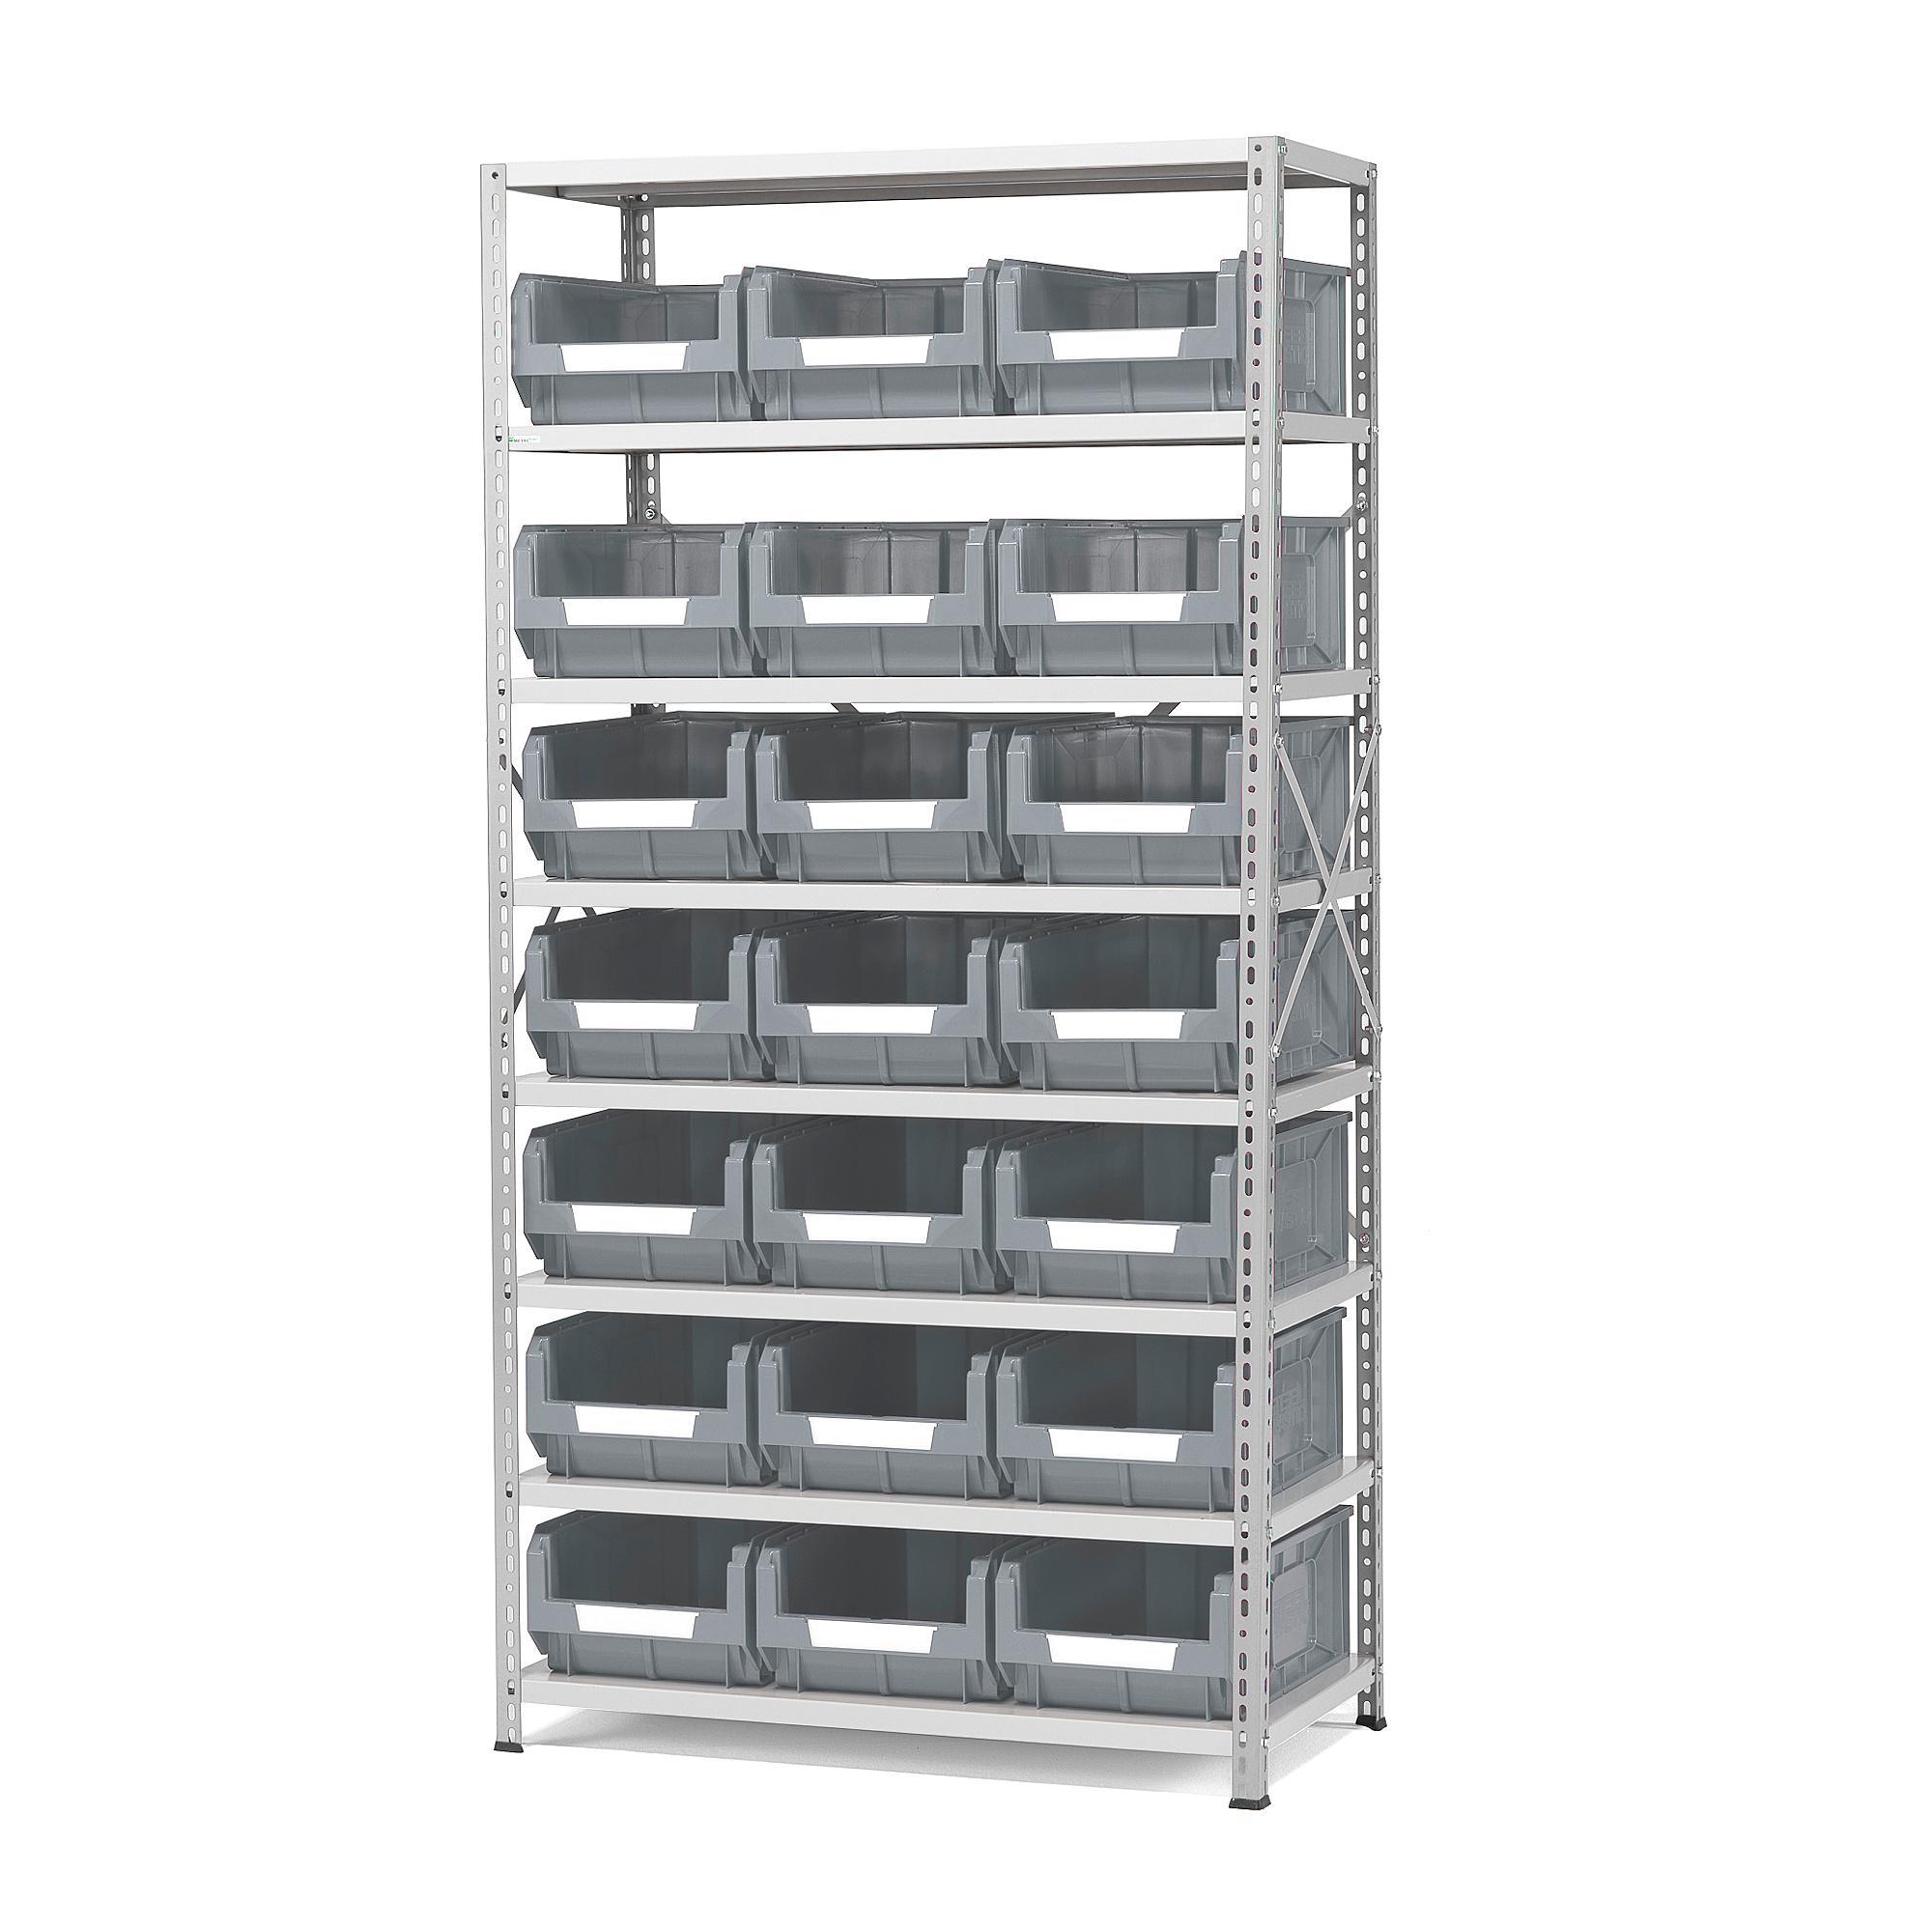 Regál na plastové boxy, 21 boxov, 1970x1000x500 mm, šedé boxy